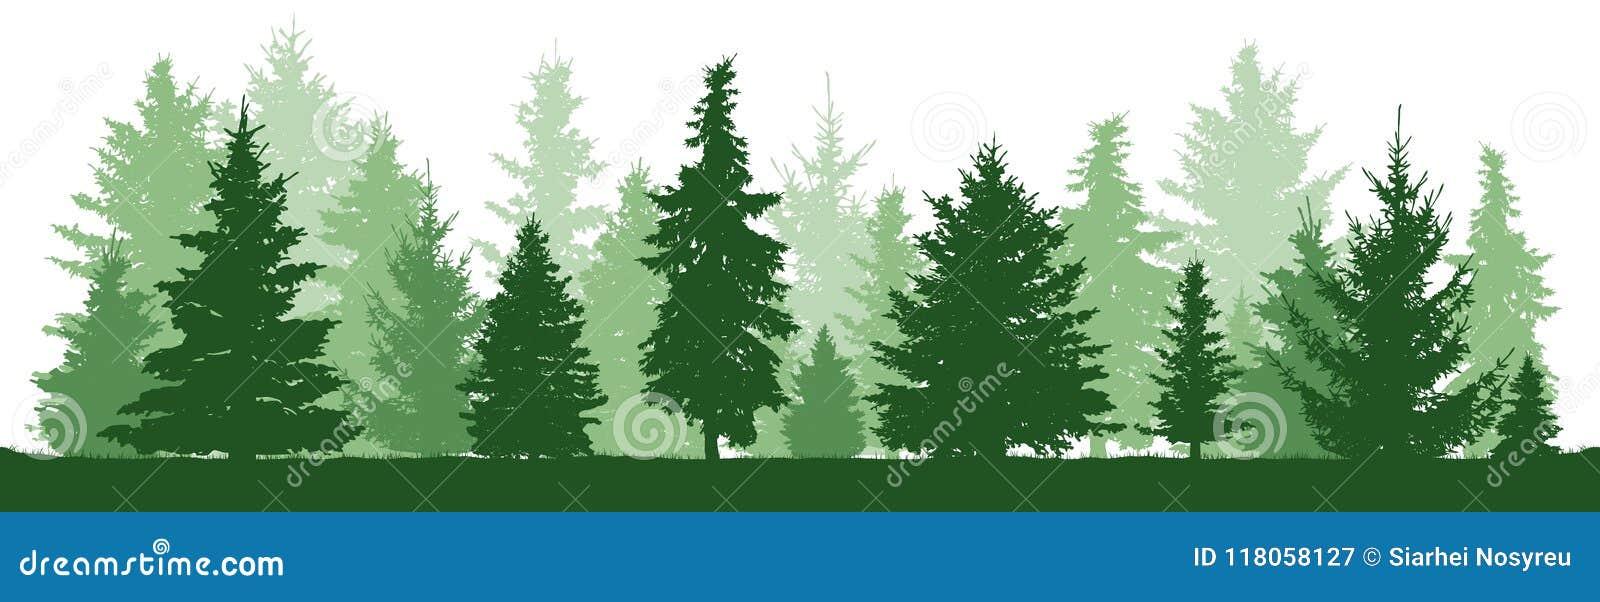 Pin d arbres, sapin, sapin, arbre de Noël Forêt conifére, silhouette de vecteur